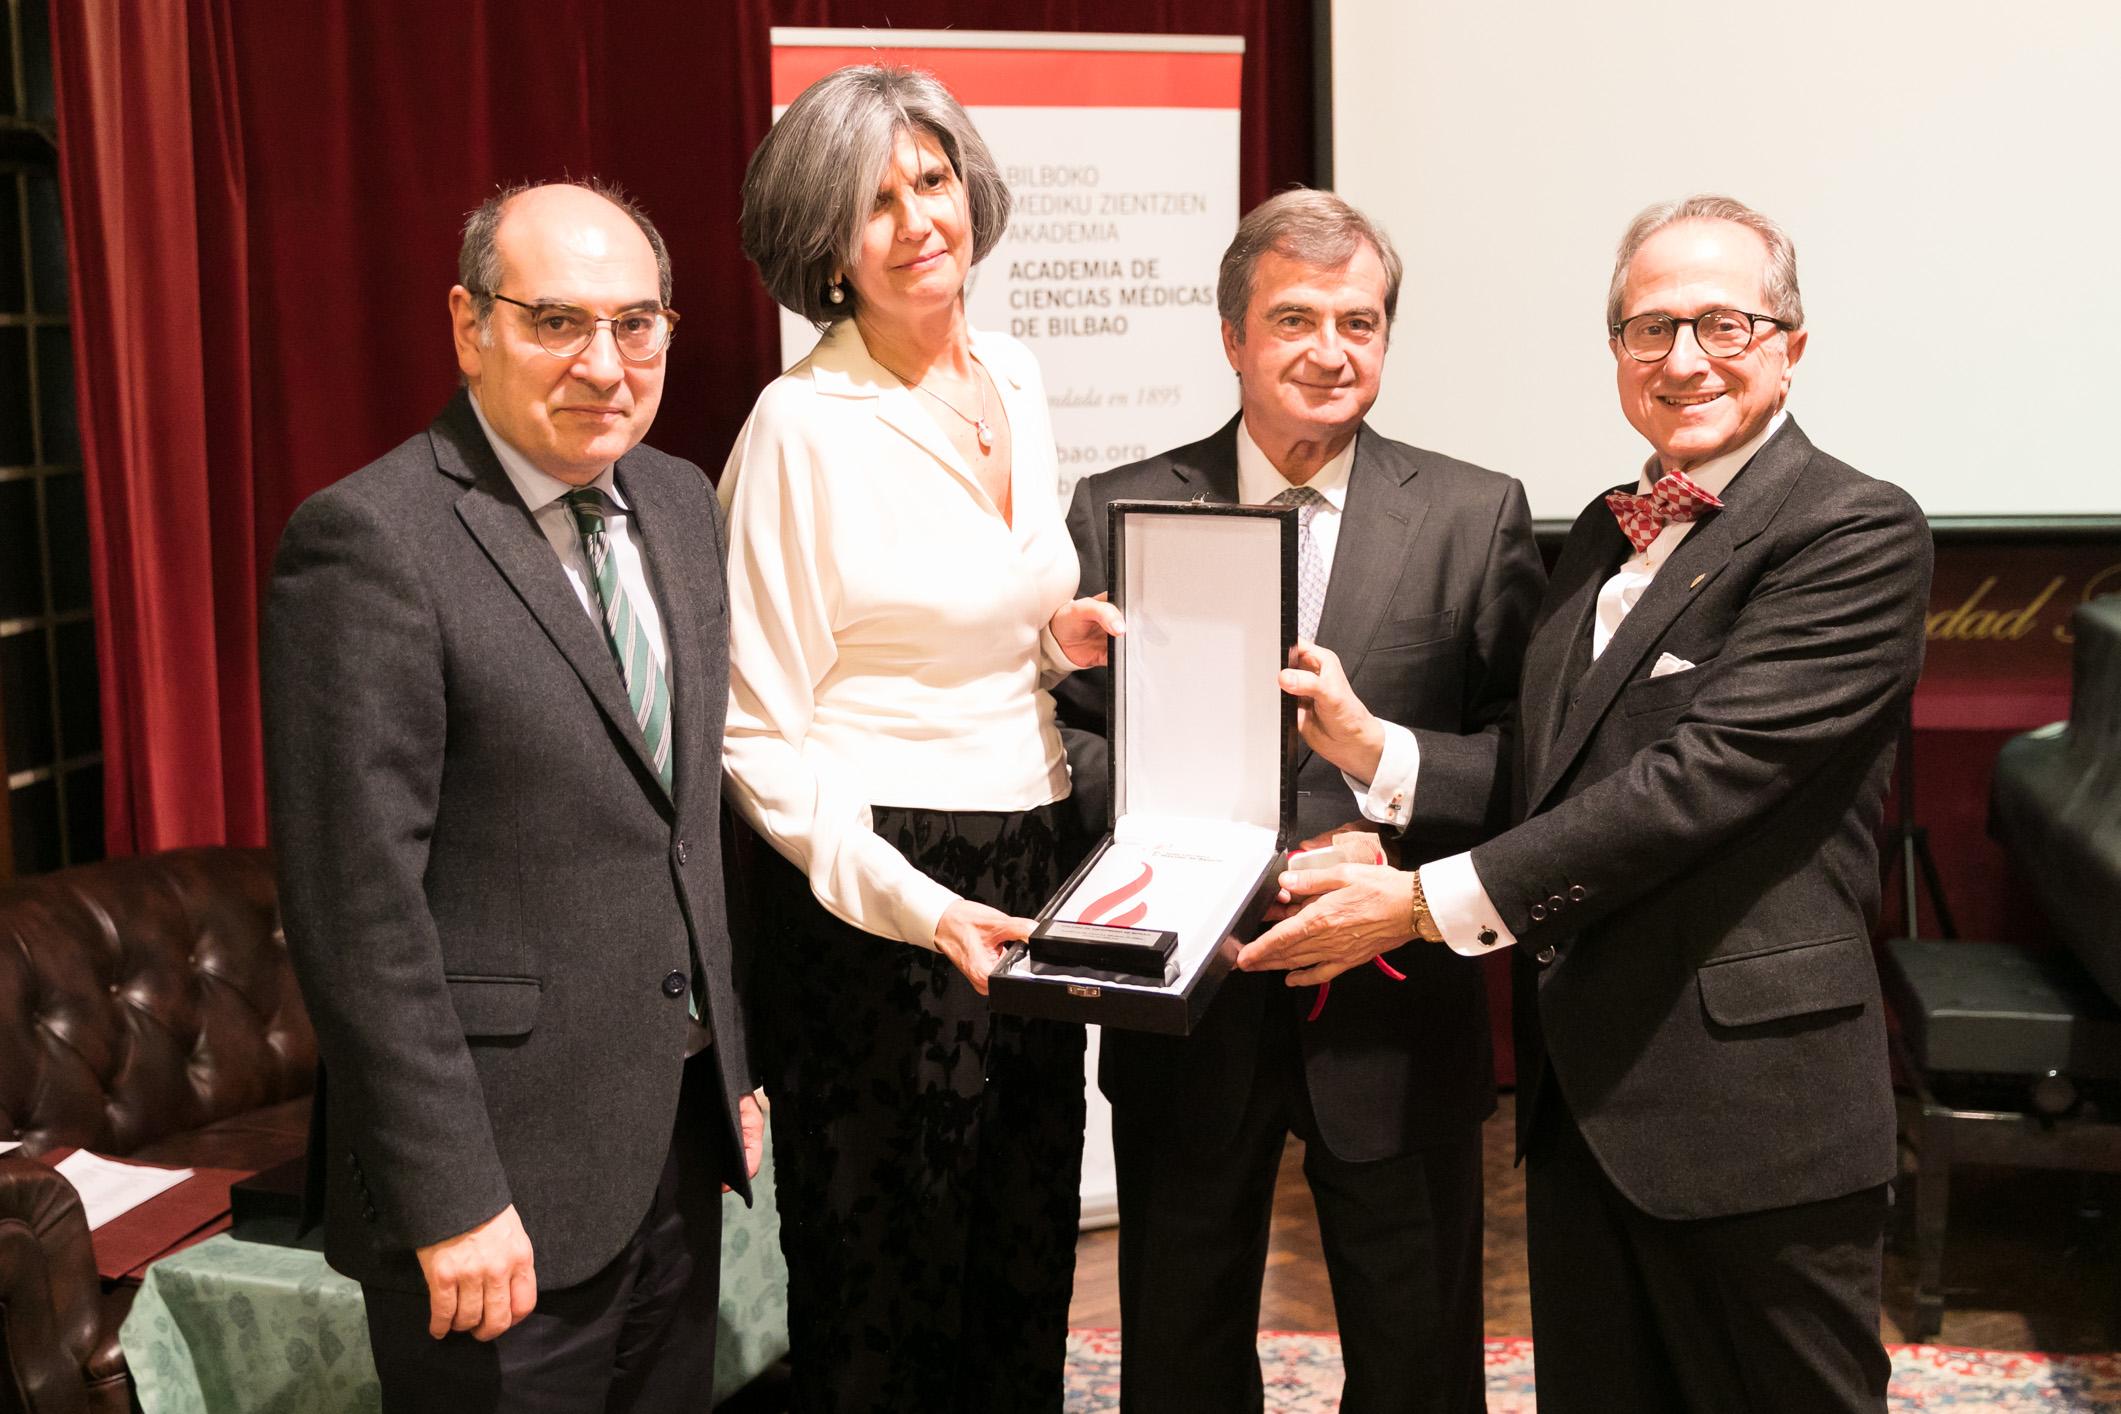 Premian al colegio de enfermería de Vizcaya con el galardón Dr. José Carrasco - D. Máximo de Aguirre